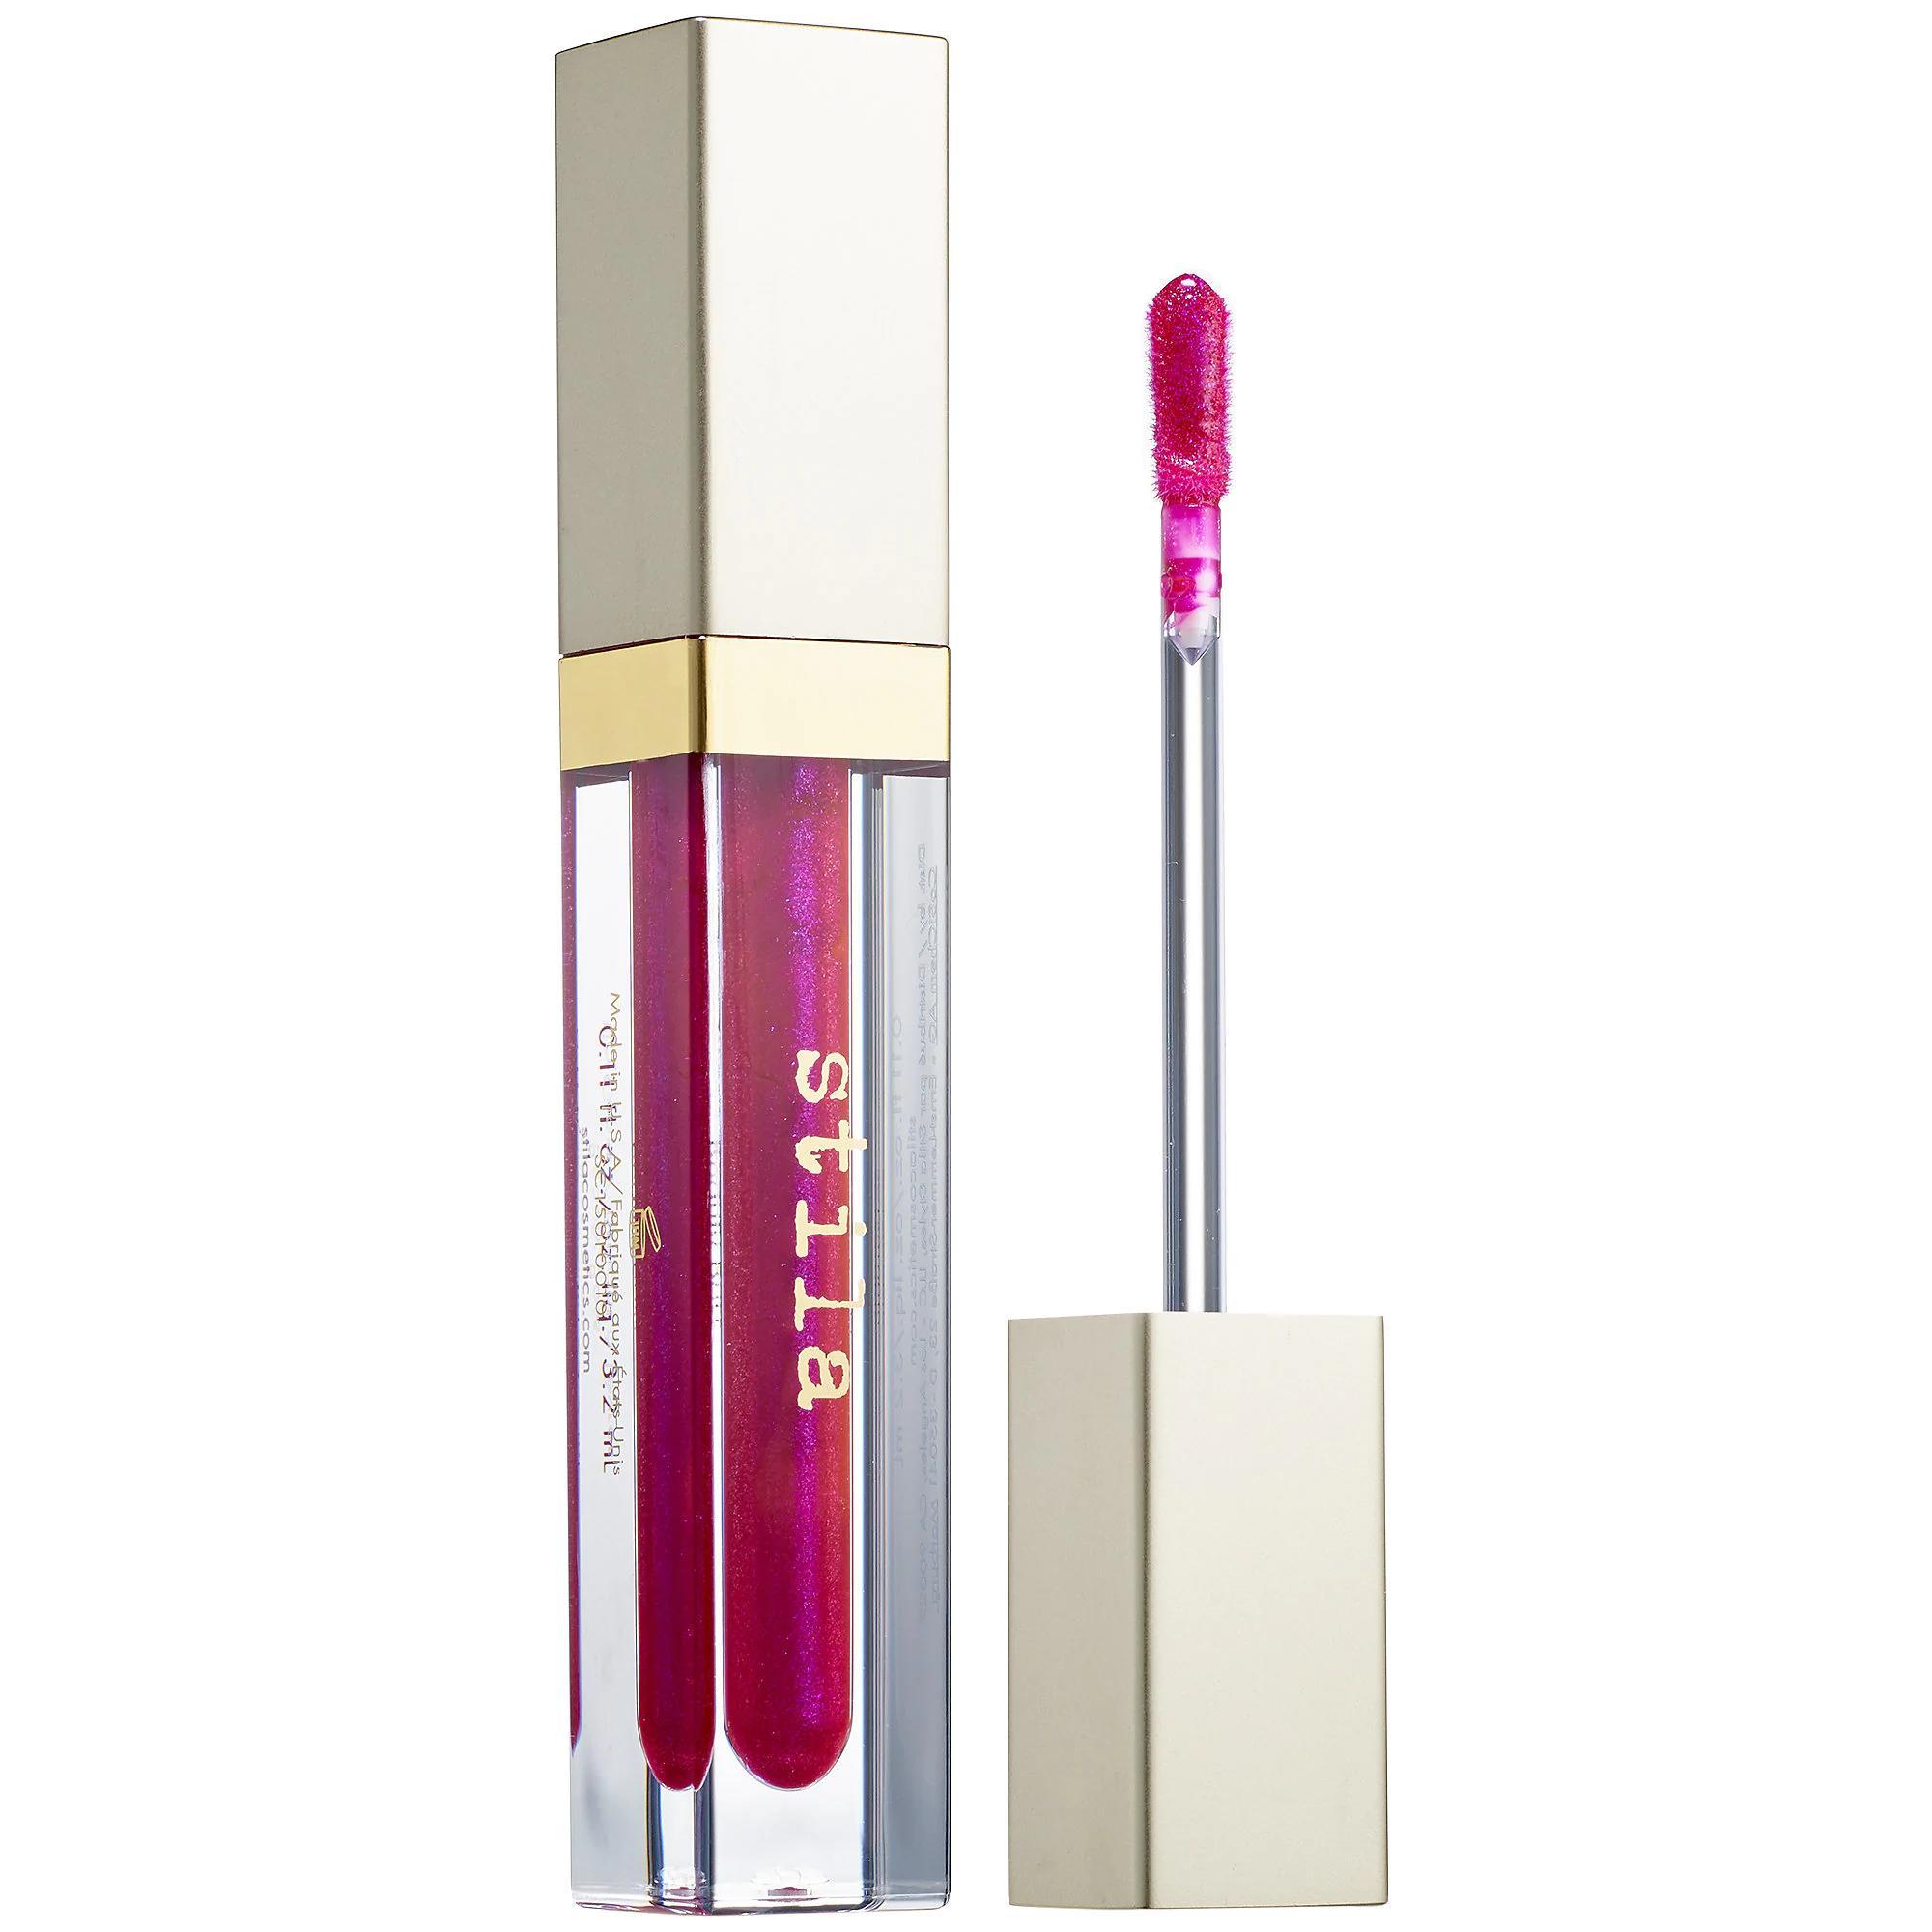 Stila Beauty Boss Lip Gloss Payday